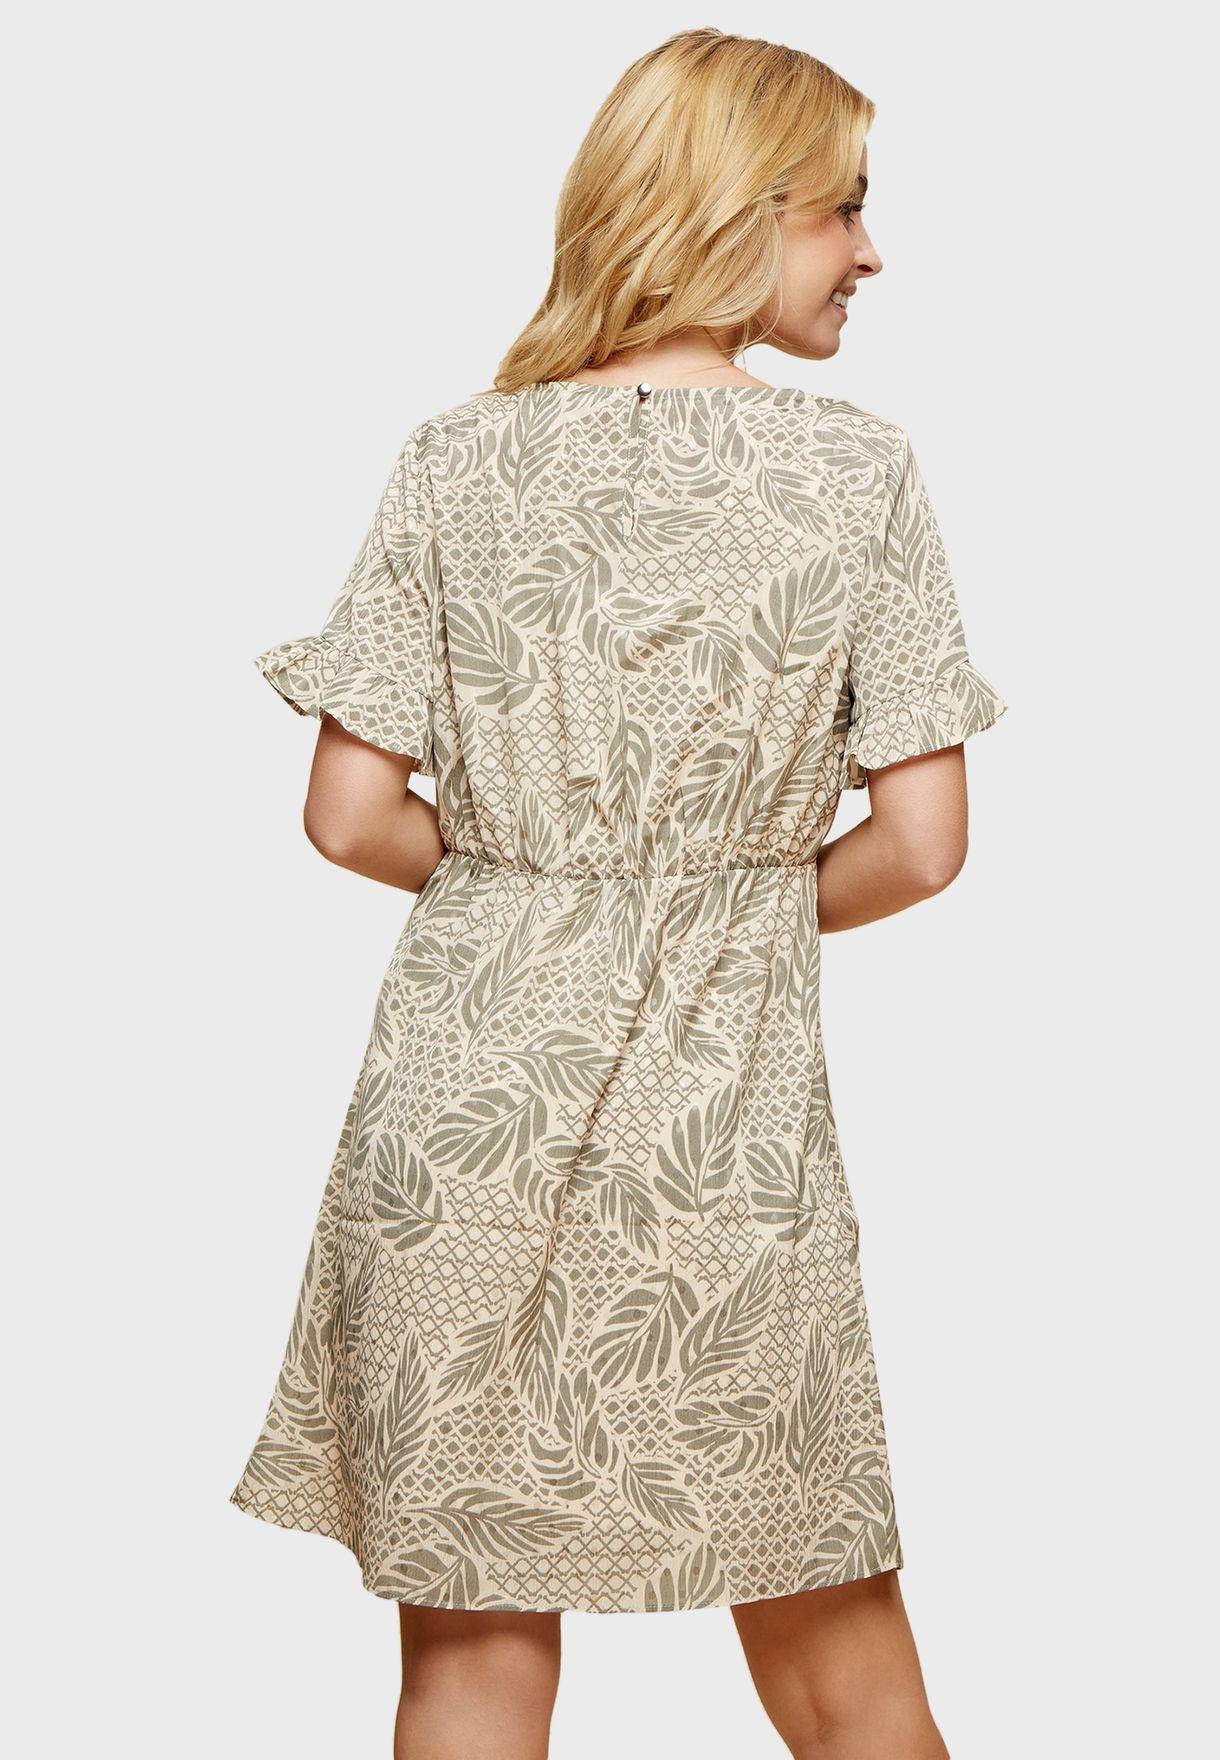 فستان بأكمام مكشكشة وطبعات أوراق أشجار